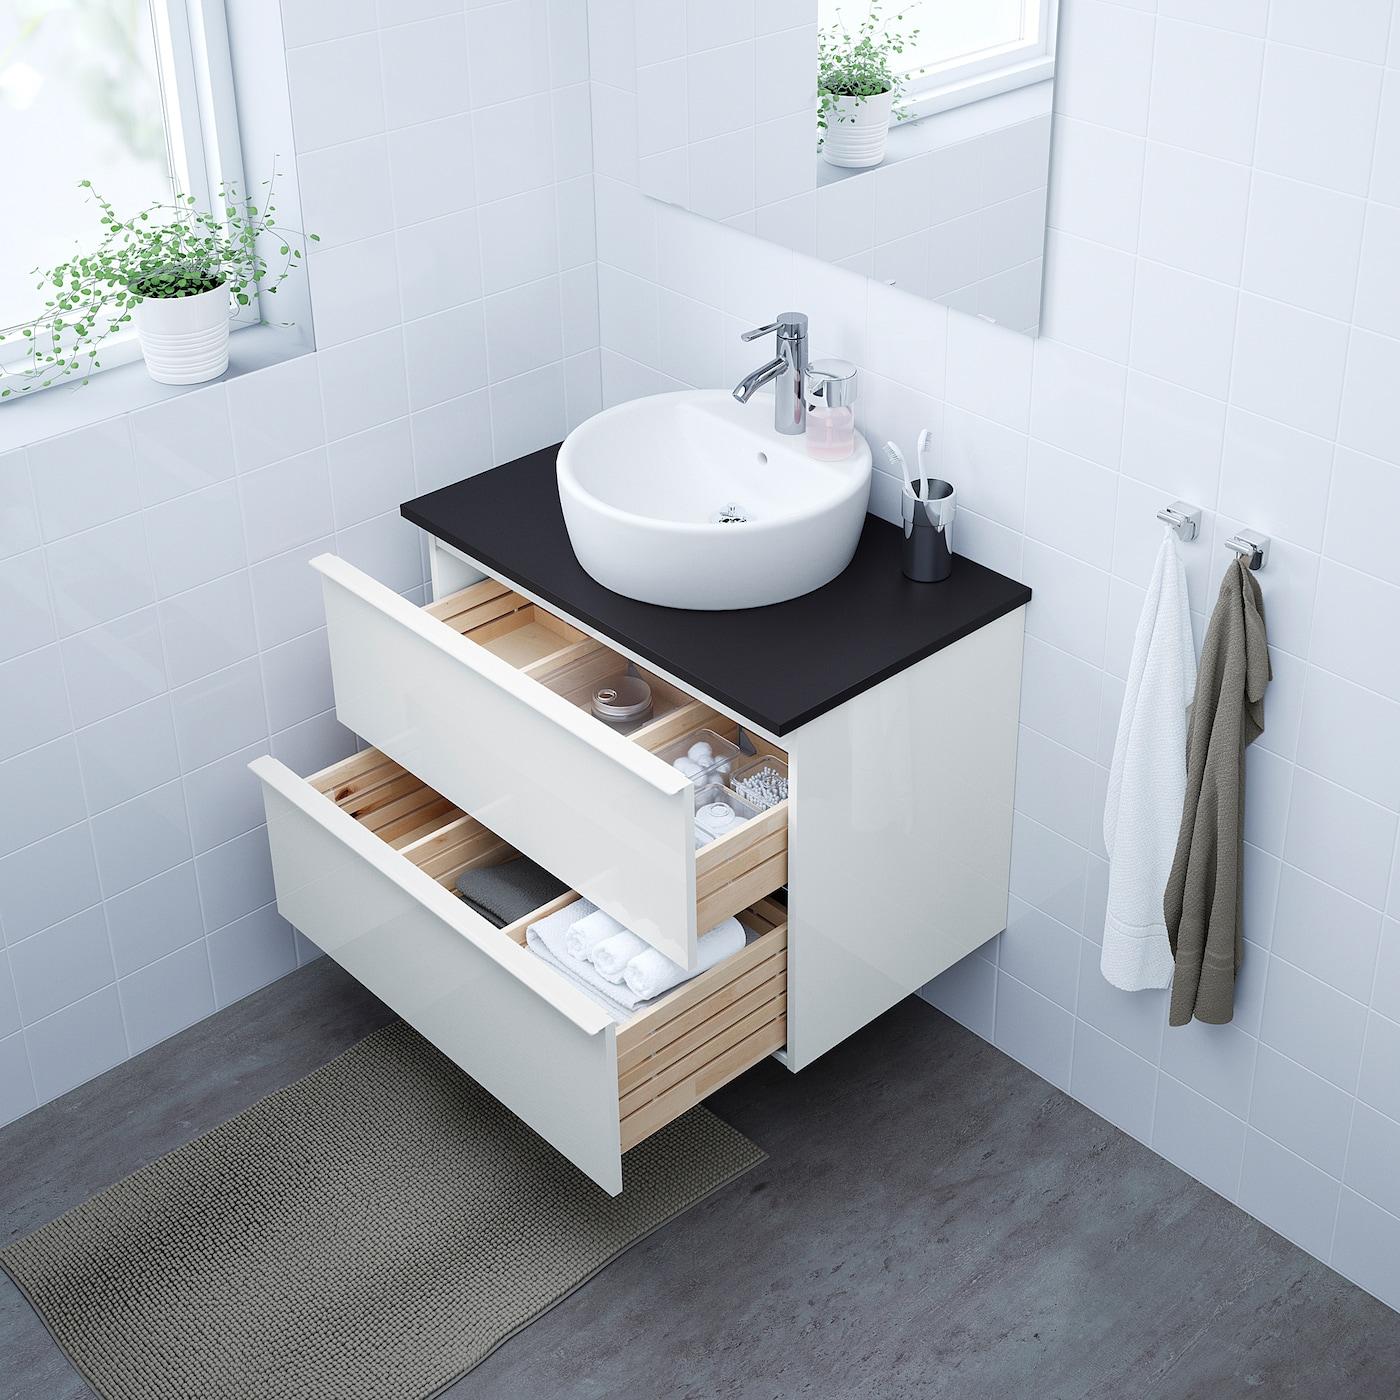 Godmorgon Waschbeckenschrank 2 Schubl Hochglanz Weiss 80x47x58 Cm Ikea Deutschland